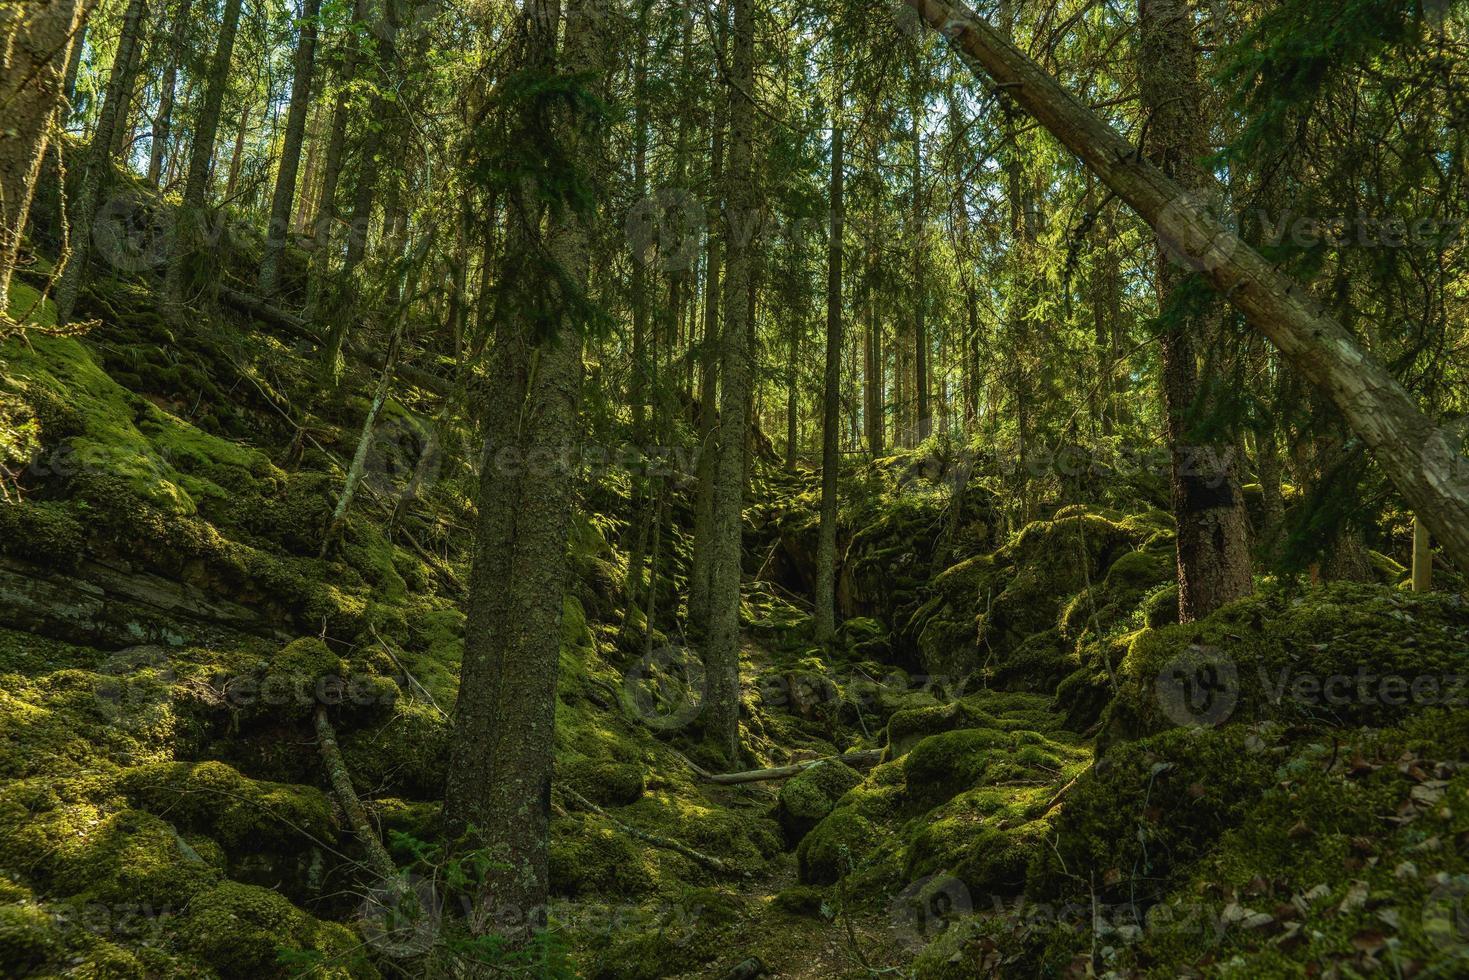 wild gewachsener Wald, der einen Berghang in Schweden aufwächst foto